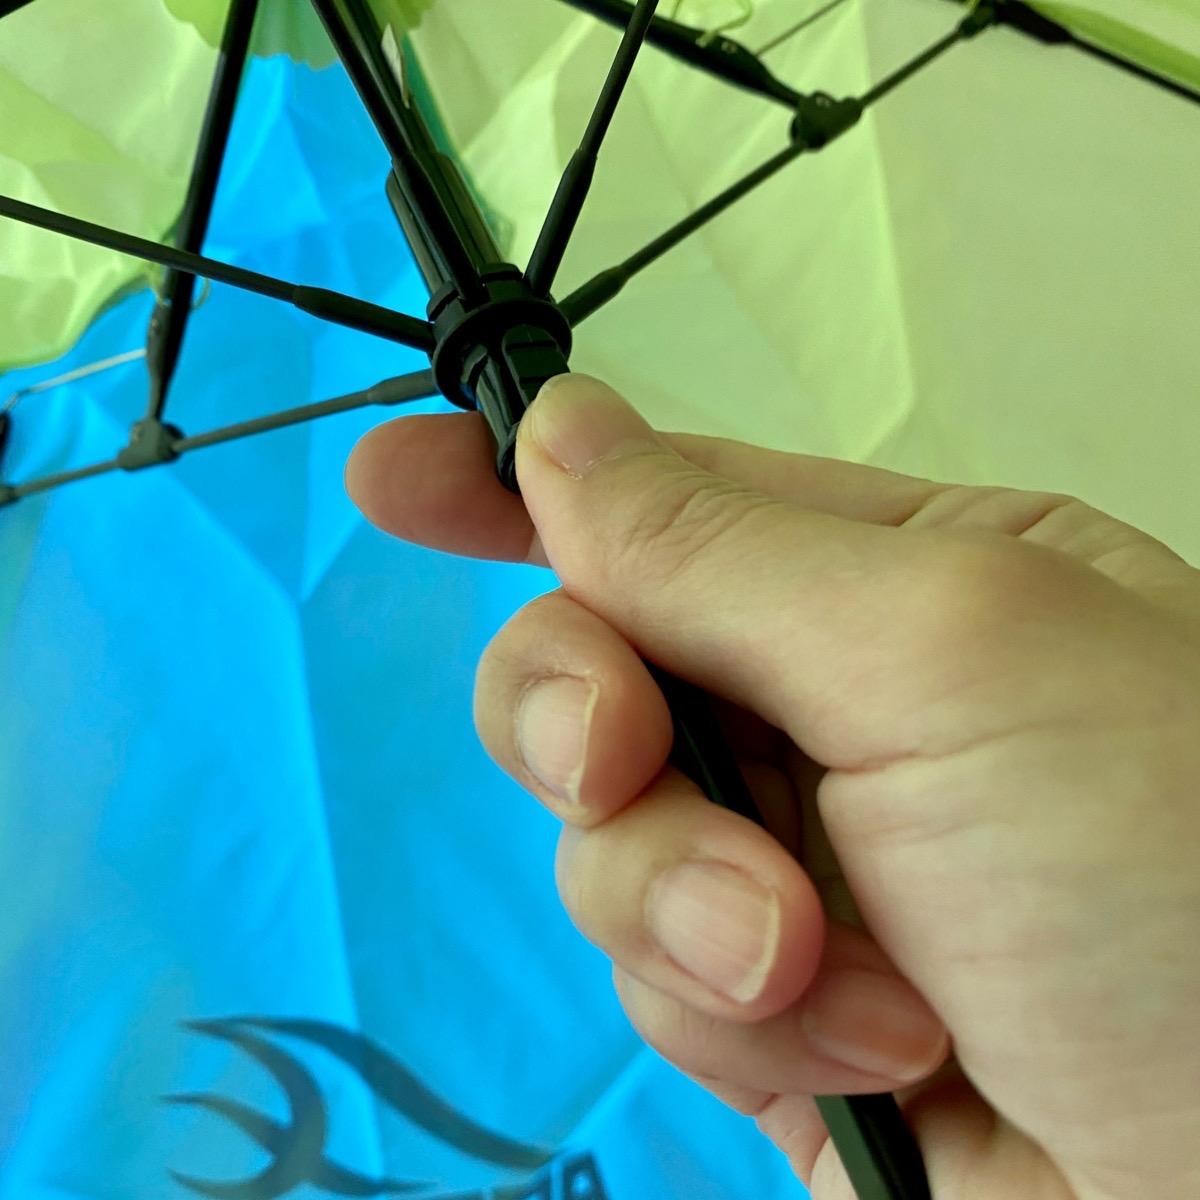 ワークマン ワークマンプラス ワークマン女子 WORKMAN 梅雨 雨対策 雨の日コーデ プチプラ 傘 折りたたみ傘 リュック バックパック 帽子 ハット 防水 撥水